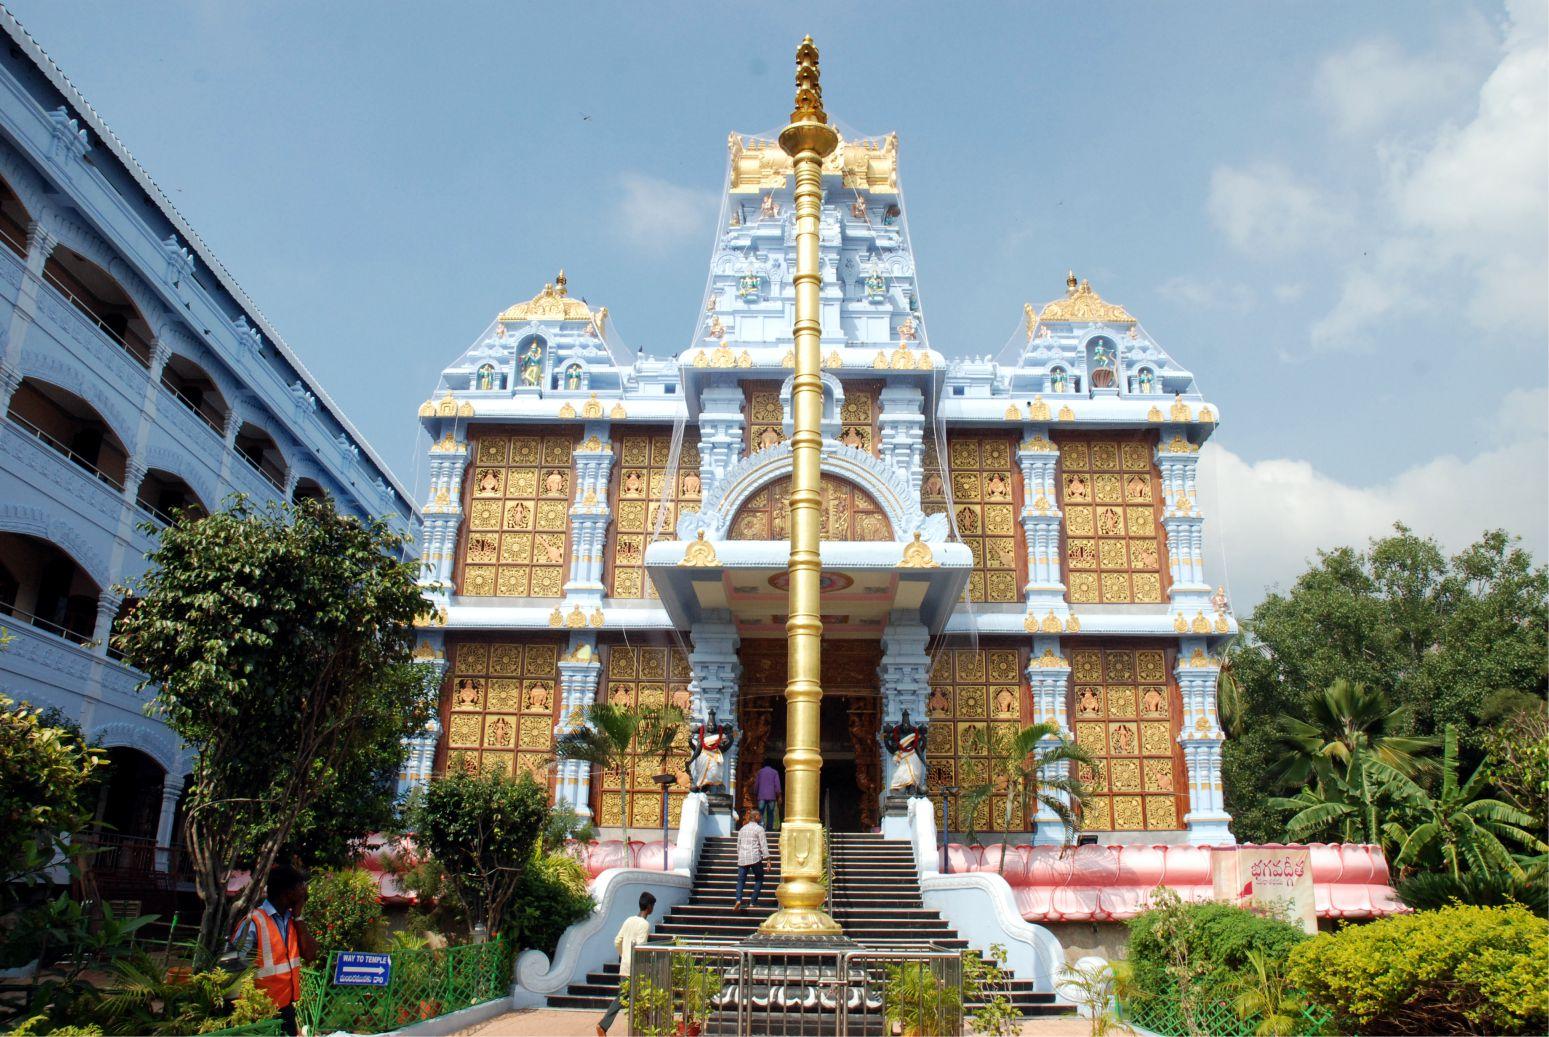 Tirupati, ISCKON templom főbejárata (természetesen keleten), a templomtól délre a vendégház, ahol mi is megszálltunk.